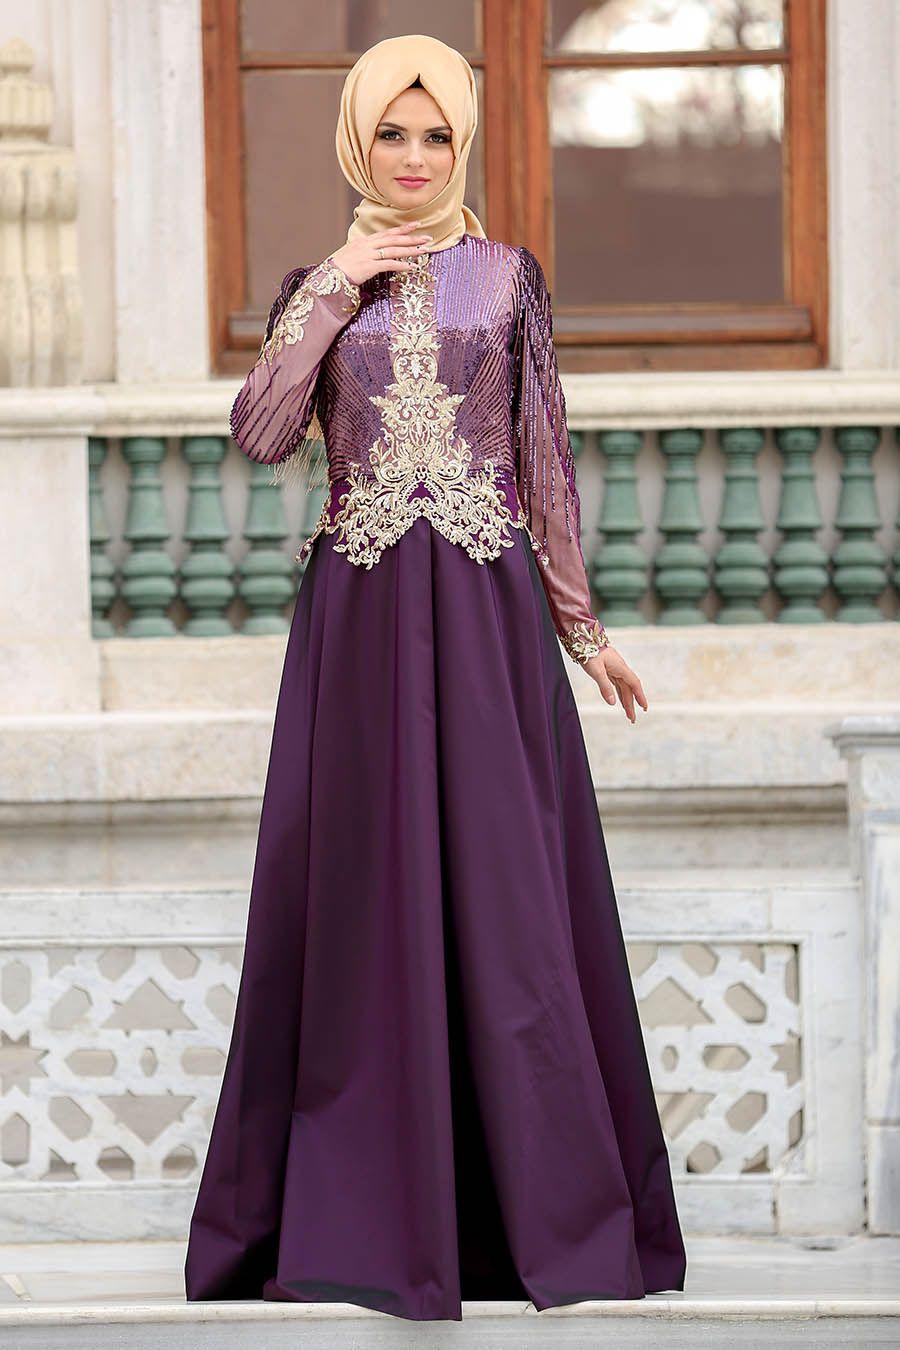 Tesetturlu Abiye Elbise Payet Detayli Mor Tesetturlu Abiye Elbise 100mor Tesetturisland Com Moda Stilleri Elbiseler Islami Moda